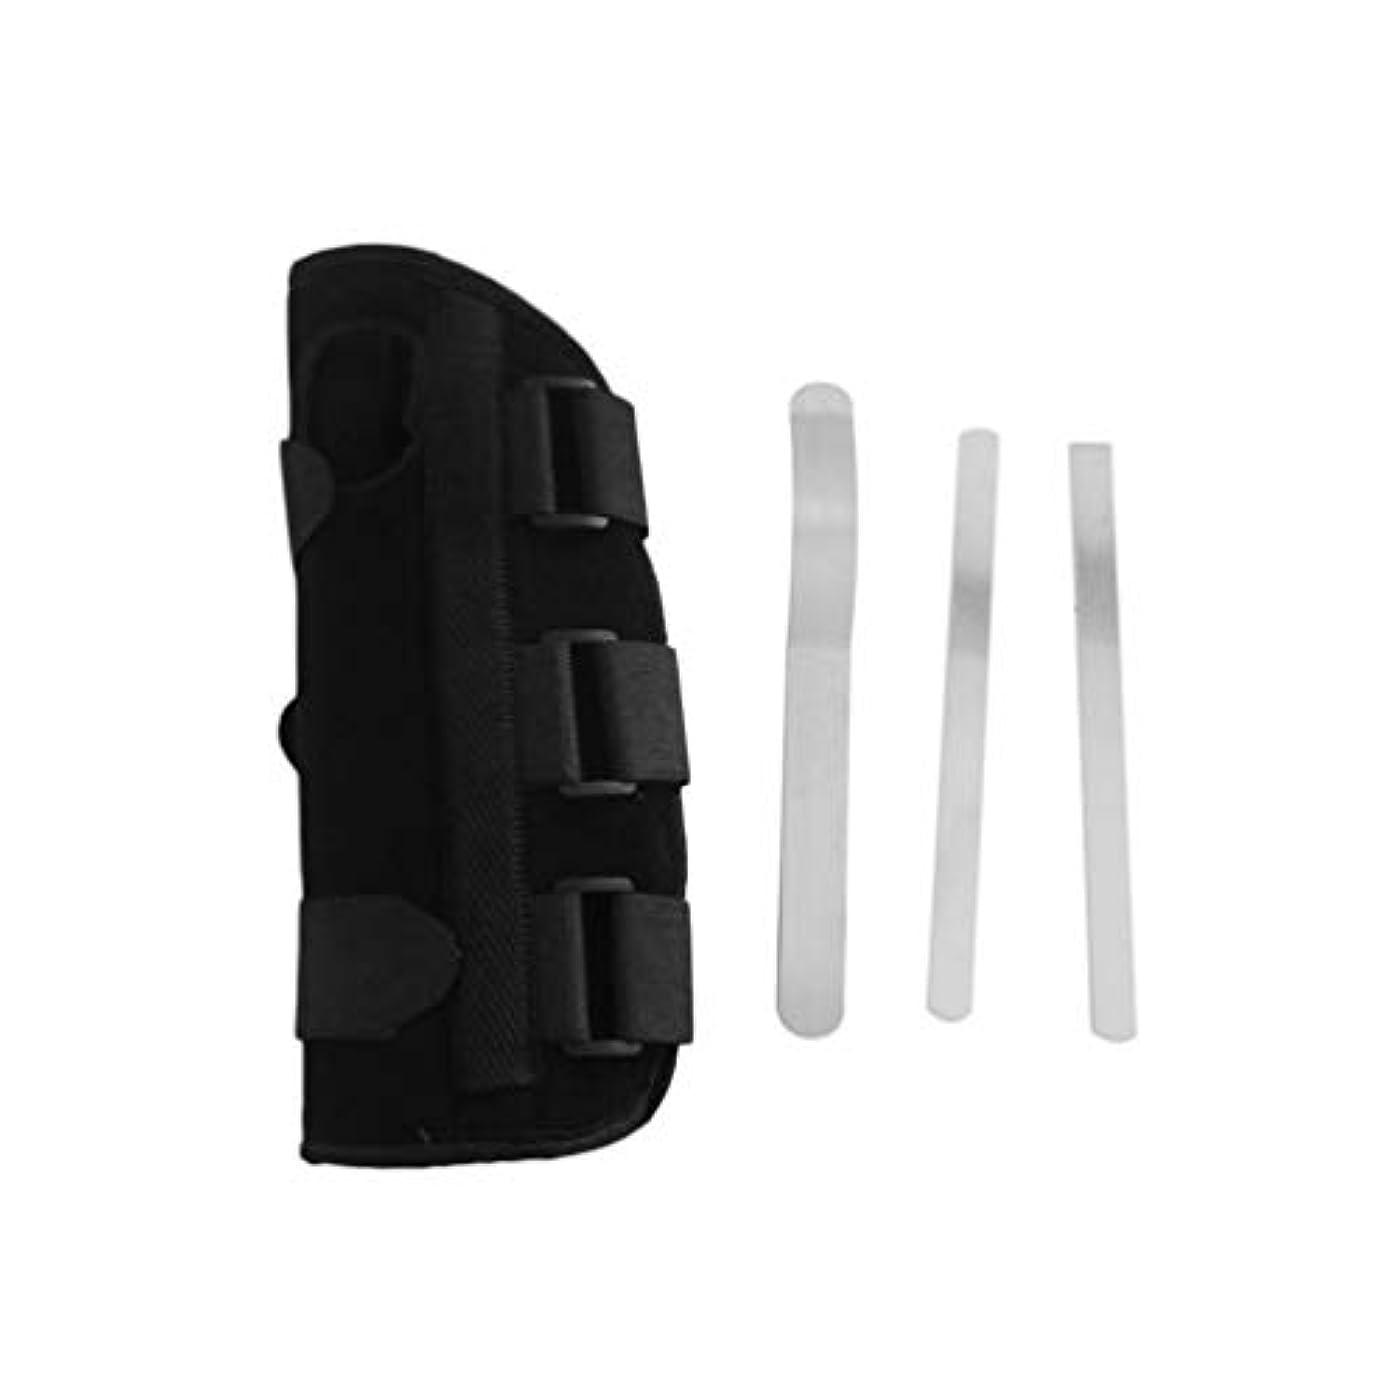 手数料フォーマル順応性のある手首副木ブレース保護サポートストラップカルペルトンネルCTS RSI痛み軽減取り外し可能な副木快適な軽量ストラップ - ブラックS